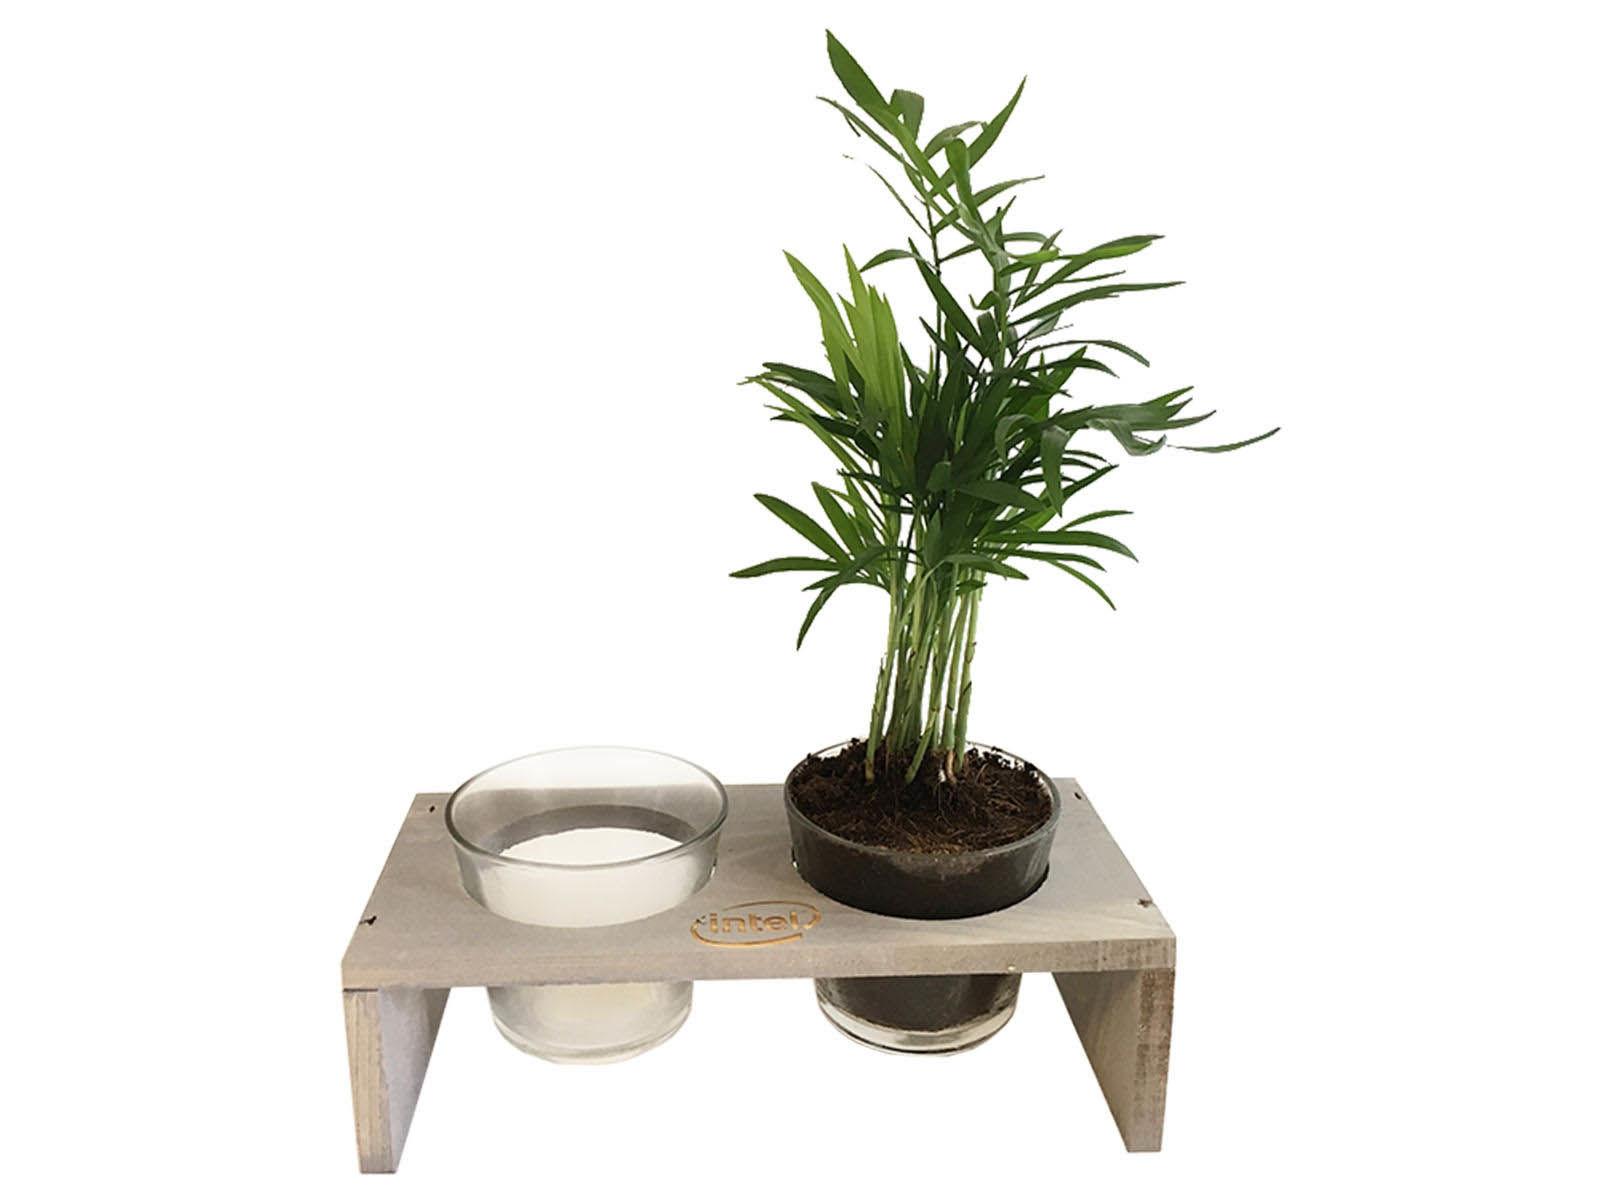 Chardon double pot verre et bois Écologique publicitaire